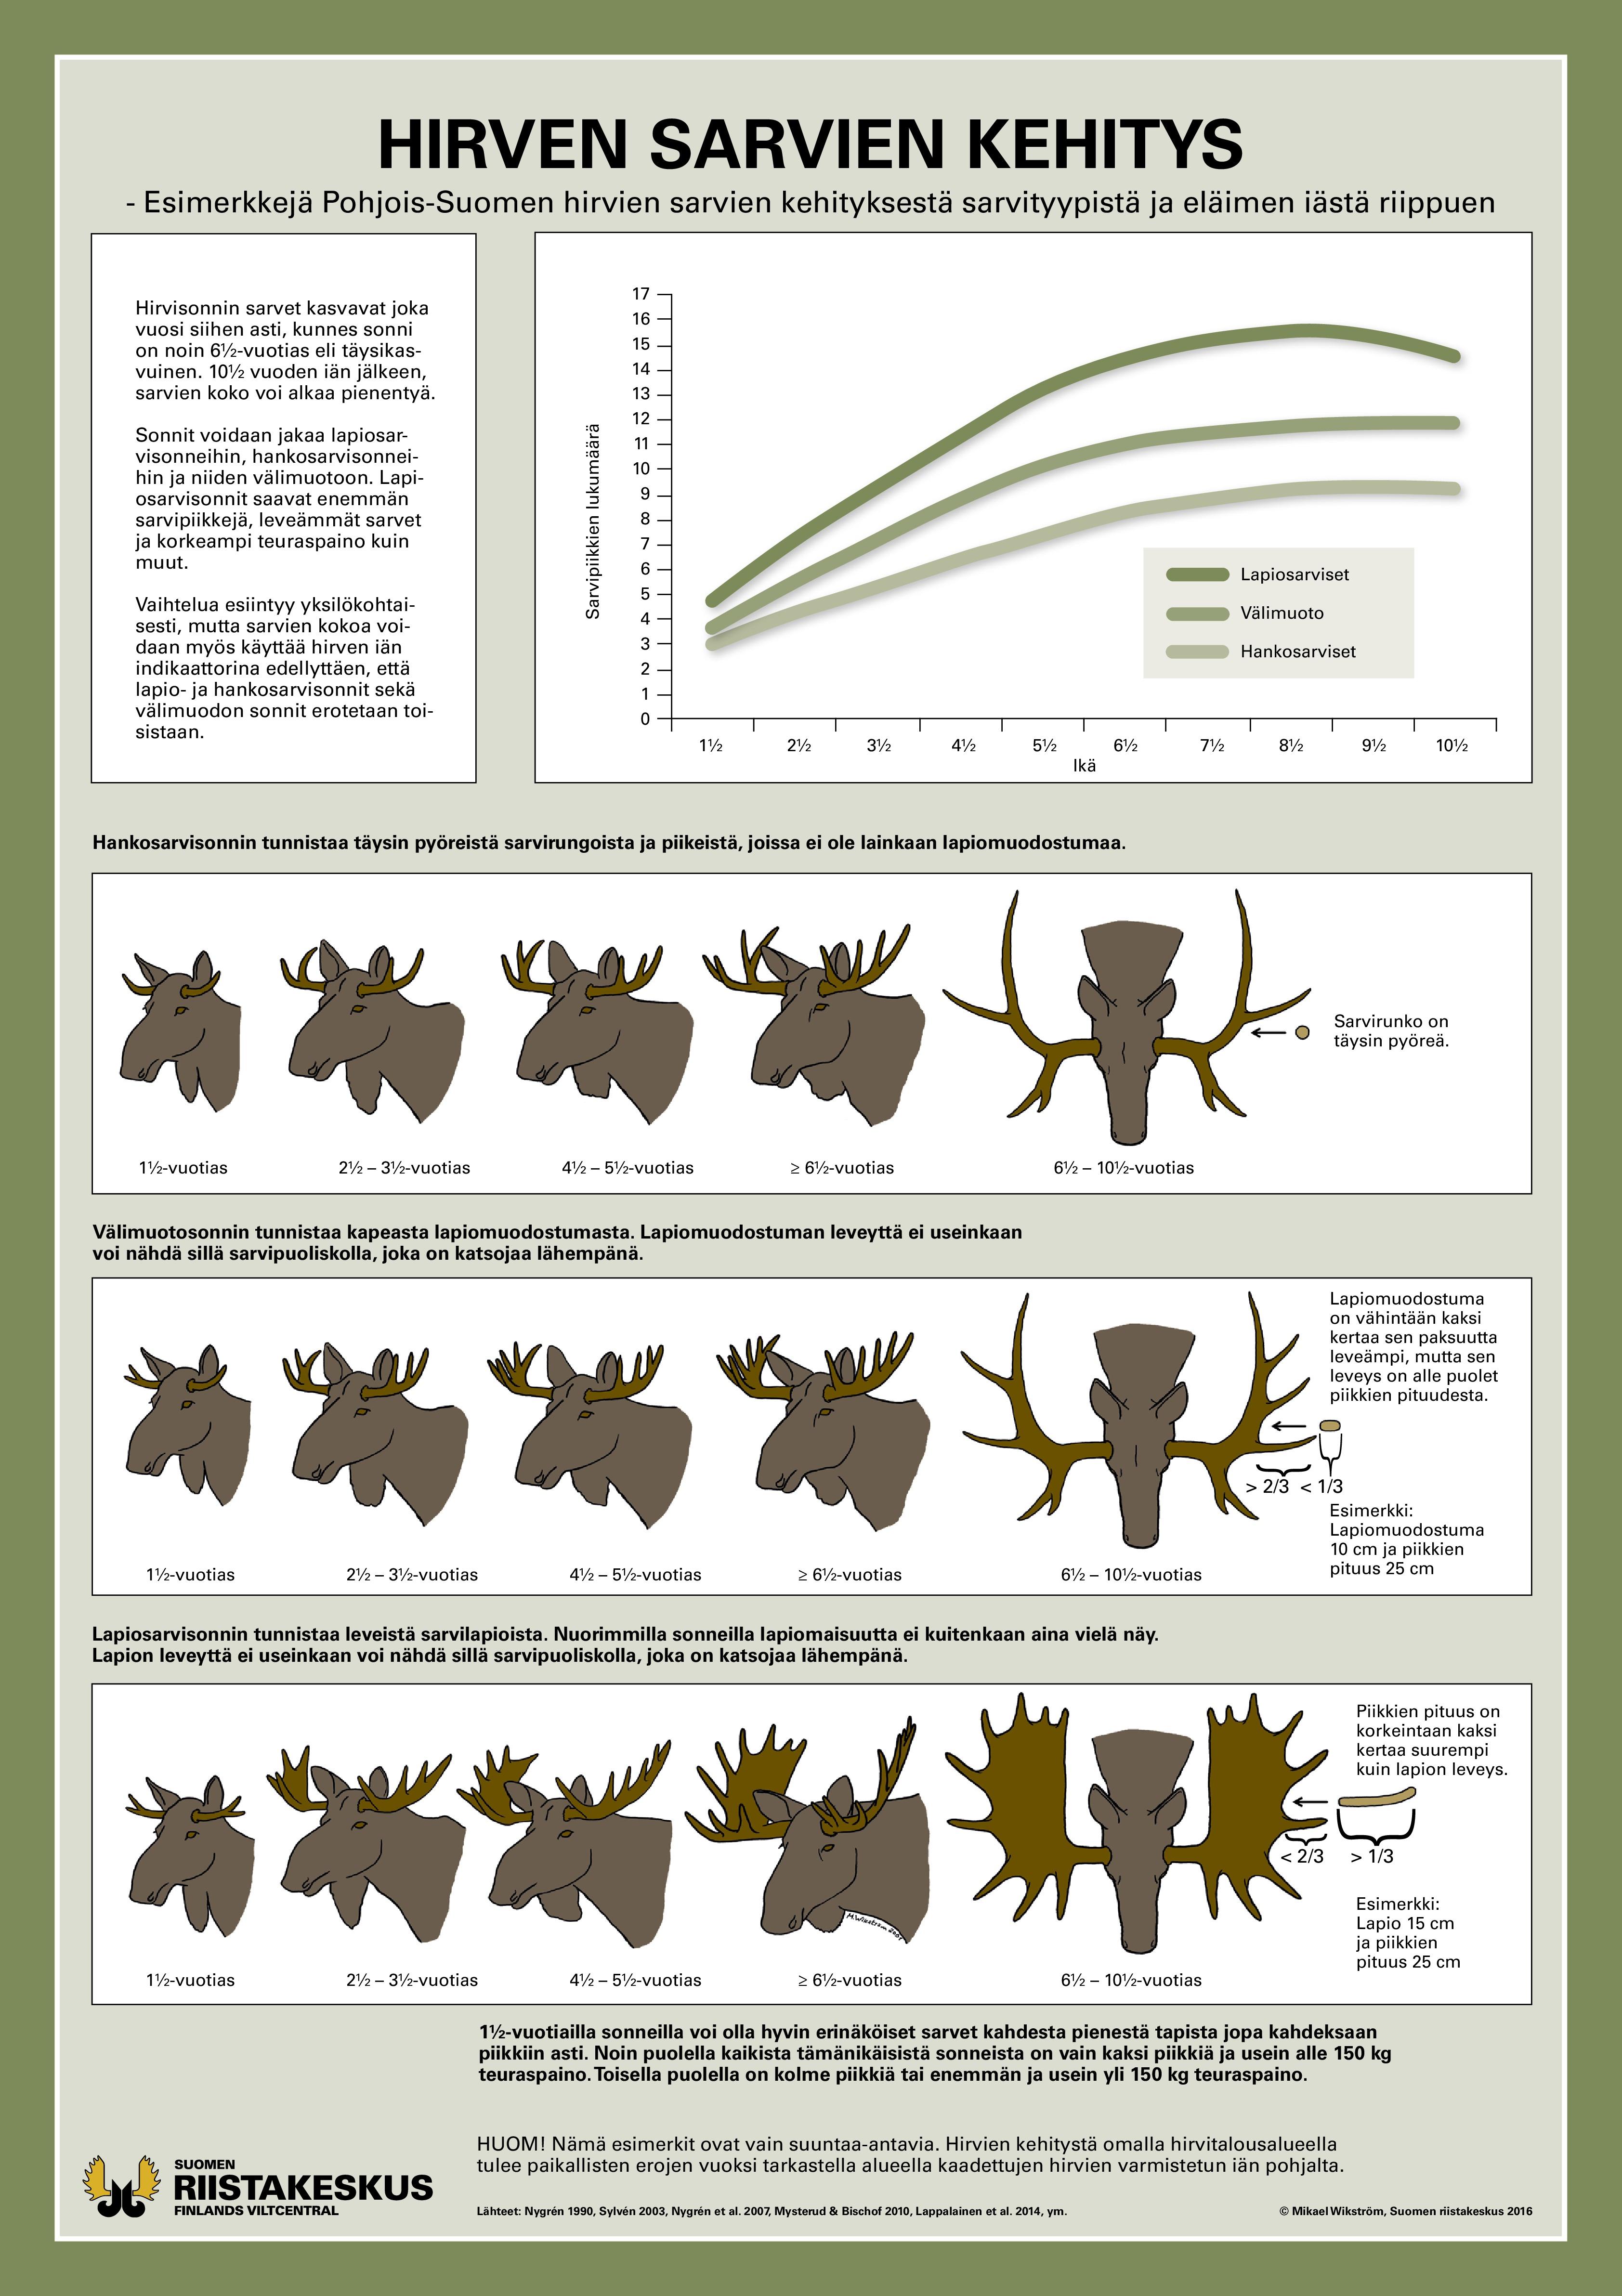 Julisten hirven sarvien kehityksestä Pohjois-Suomessa